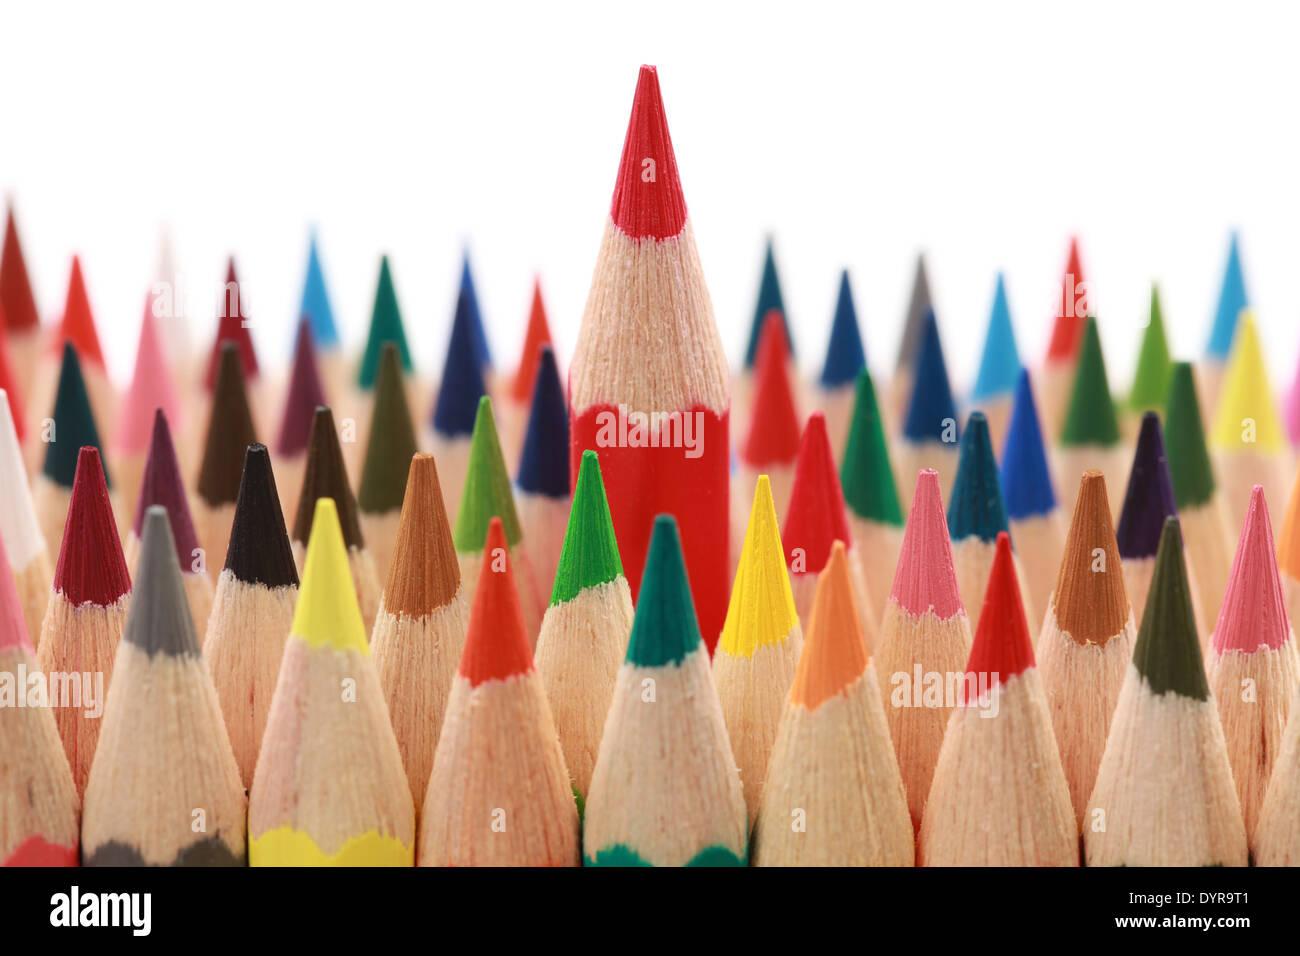 Business-Konzepte: rote Kreide von der Masse abheben Stockfoto